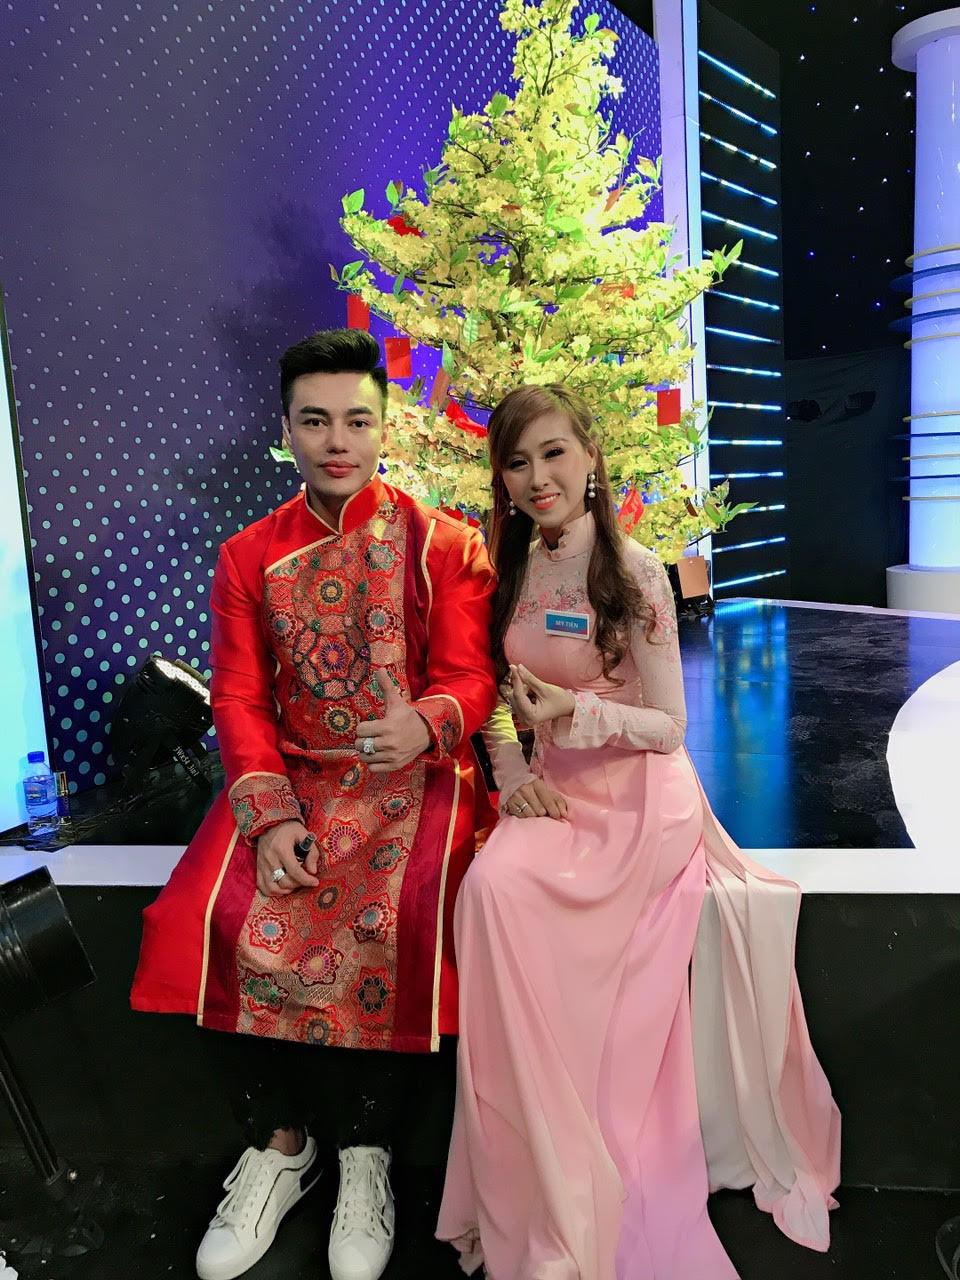 """Ca sĩ Mỹ Tiên chiến thắng đầy thuyết phục trong chương trình """"Gương mặt vàng"""" tập 7 - Ảnh 3."""